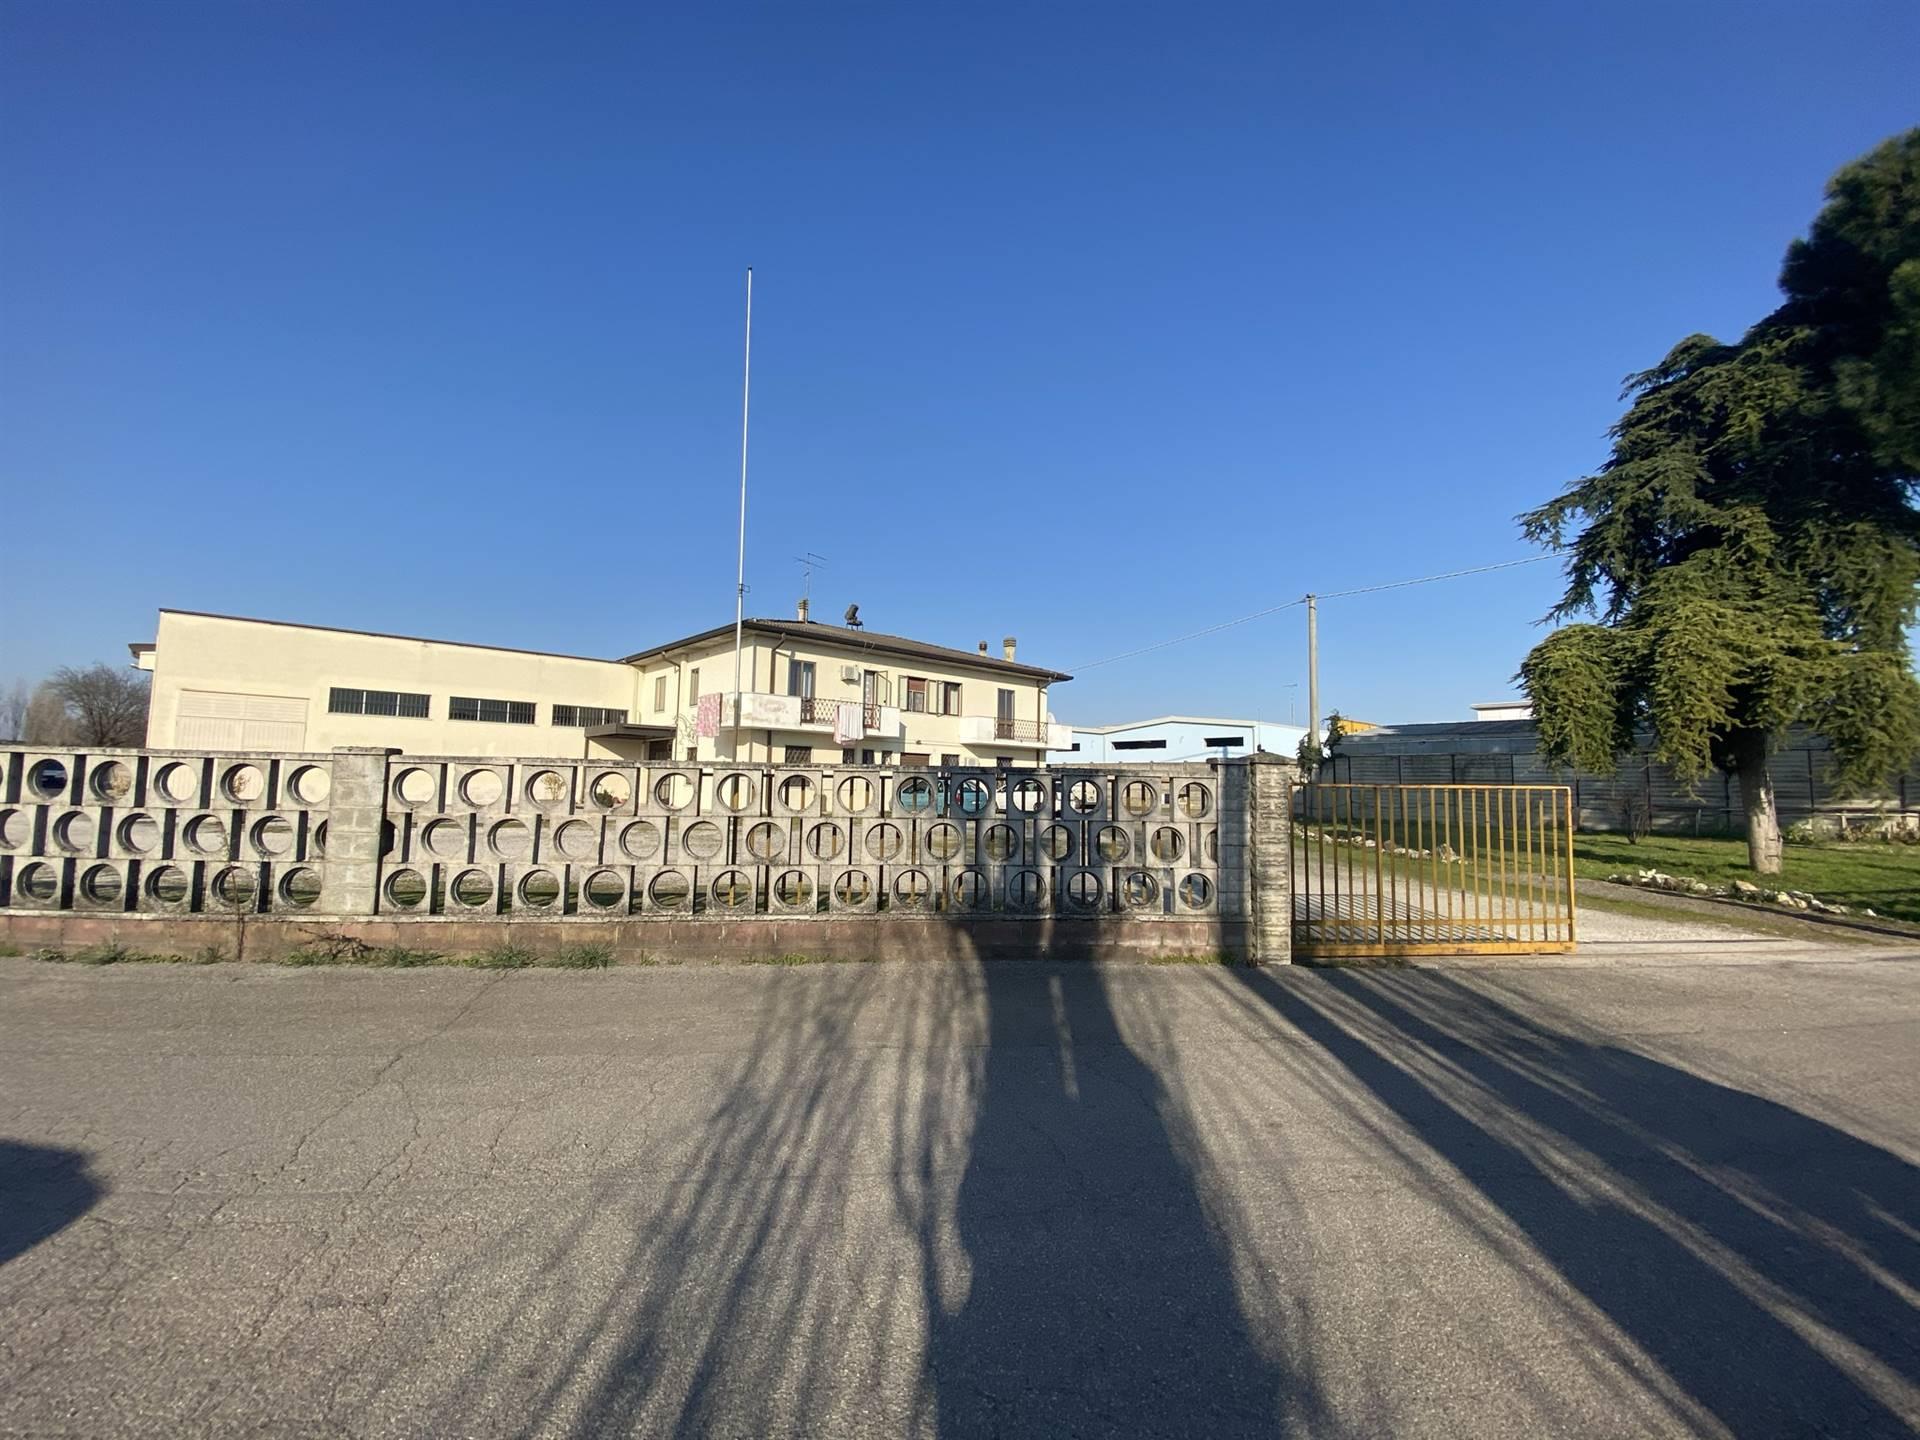 Capannone in vendita a Porto Mantovano, 3 locali, zona Zona: Sant'Antonio (capoluogo), prezzo € 350.000 | CambioCasa.it